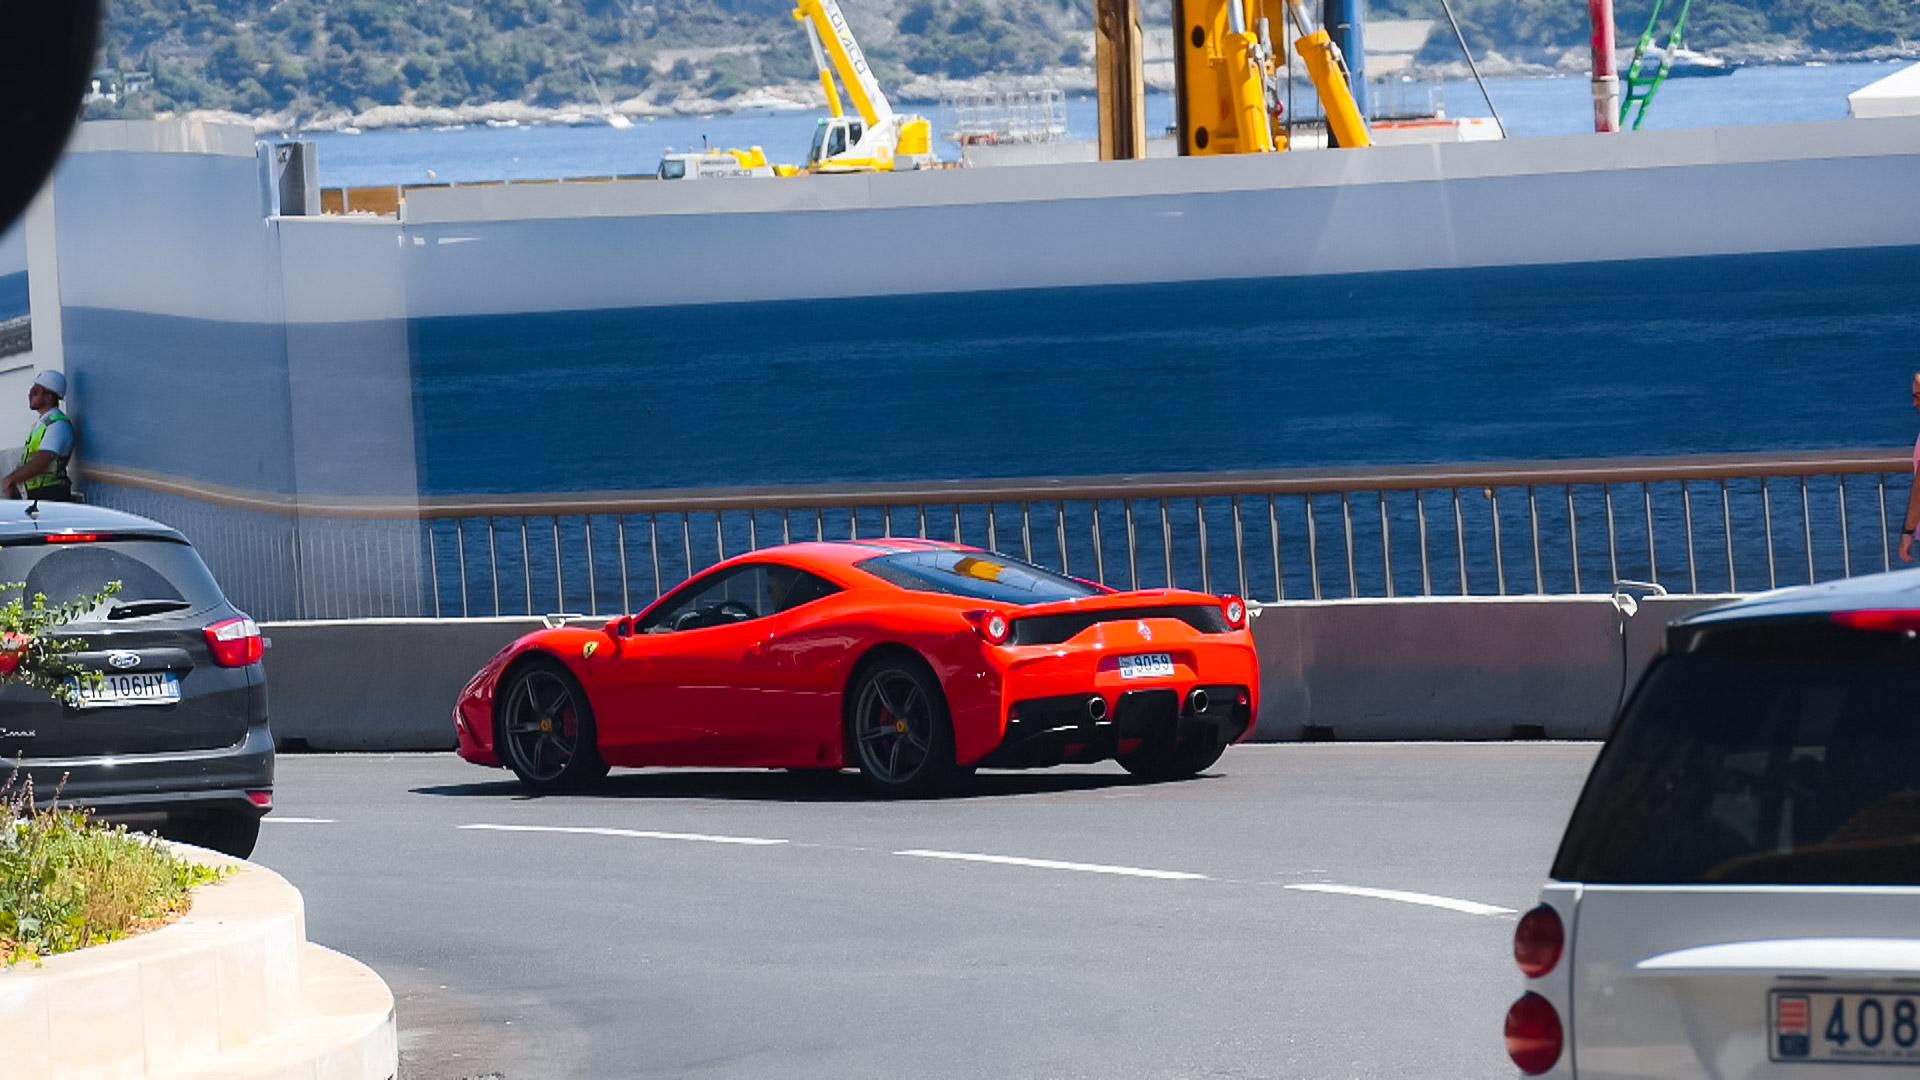 Ferrari 458 Speciale - 9059 (MC)